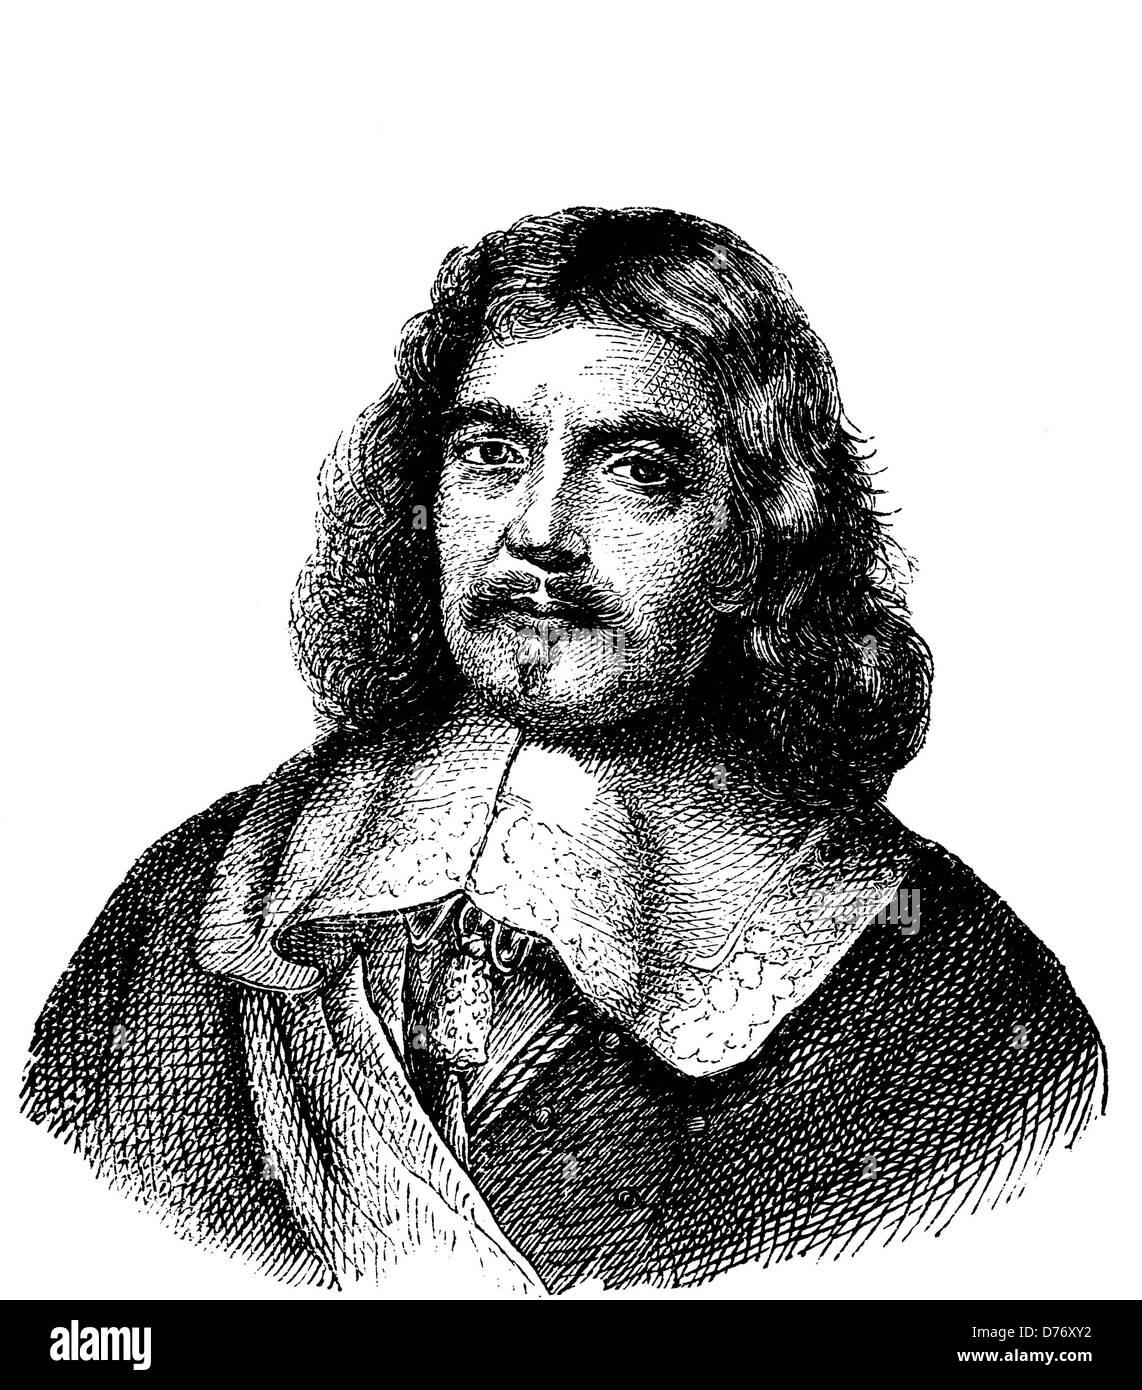 Henri de la Tour d'Auvergne, Vicomte de Turenne, 1555 - 1623, Duke of Bouillon and Marshal of France, woodcut - Stock Image